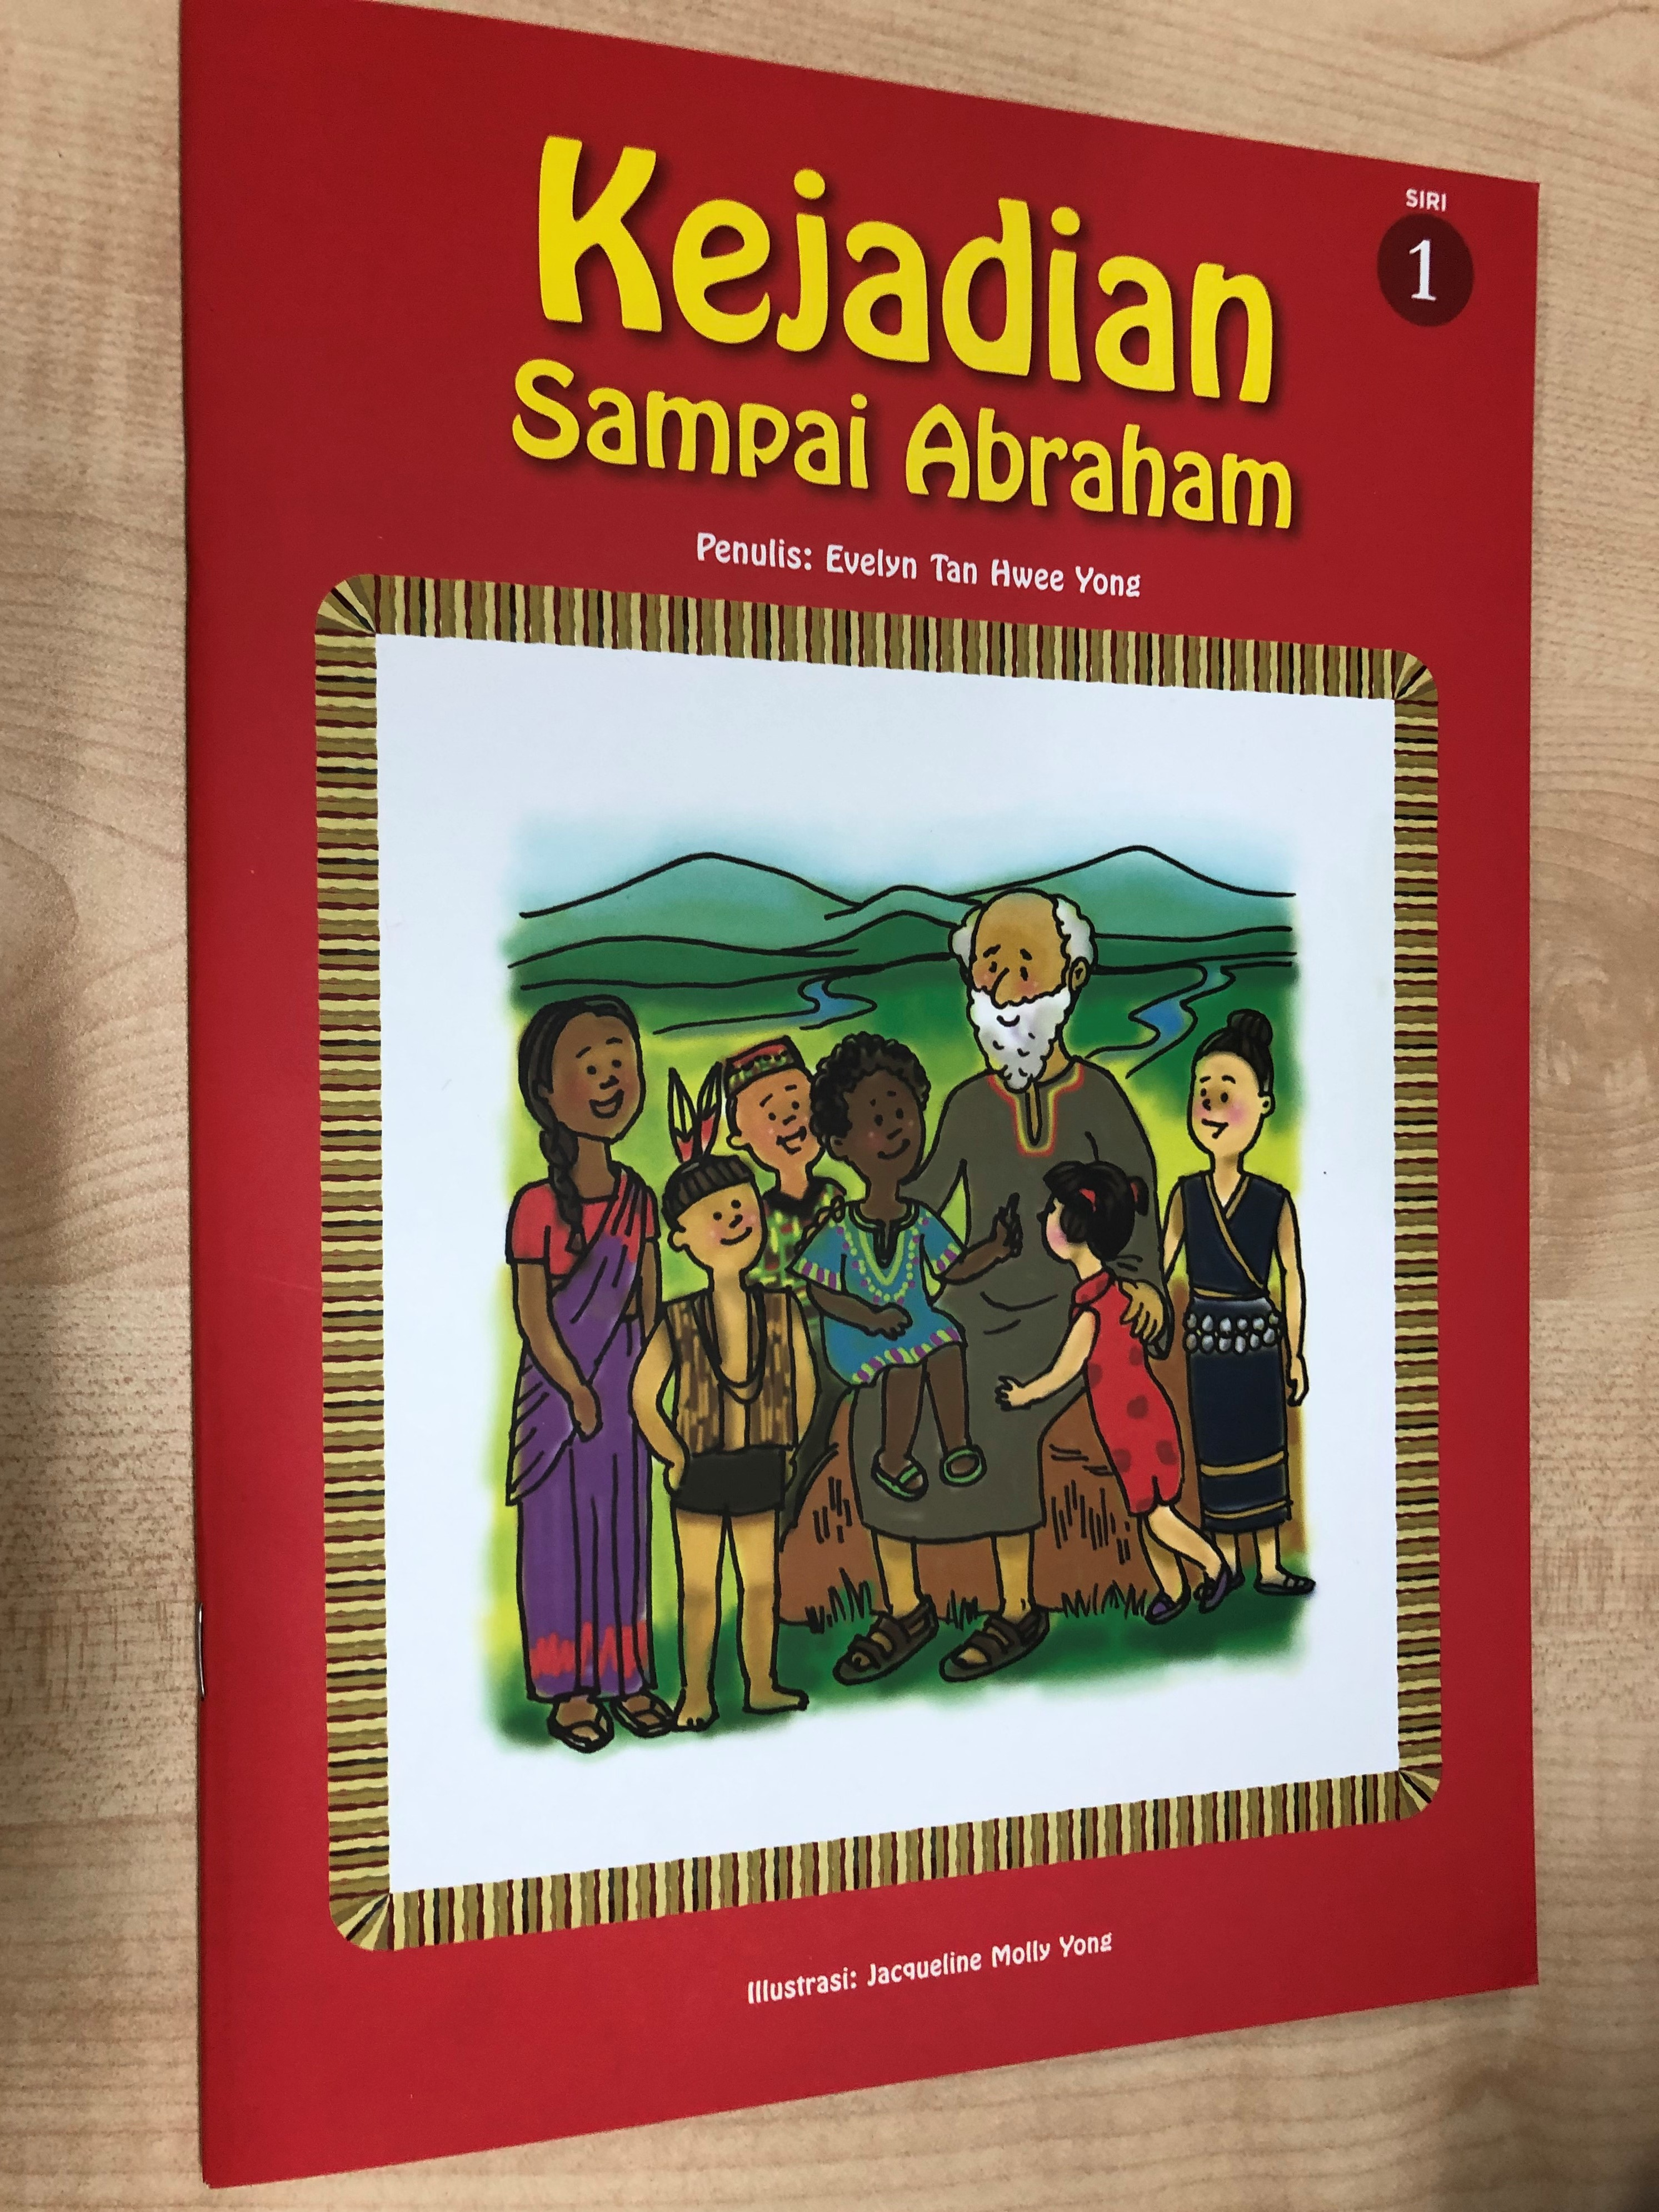 kejadian-sampai-abraham-from-creation-to-abraham-in-malay-language-evelyn-tan-hwee-yong-paperback-2017-1-.jpg